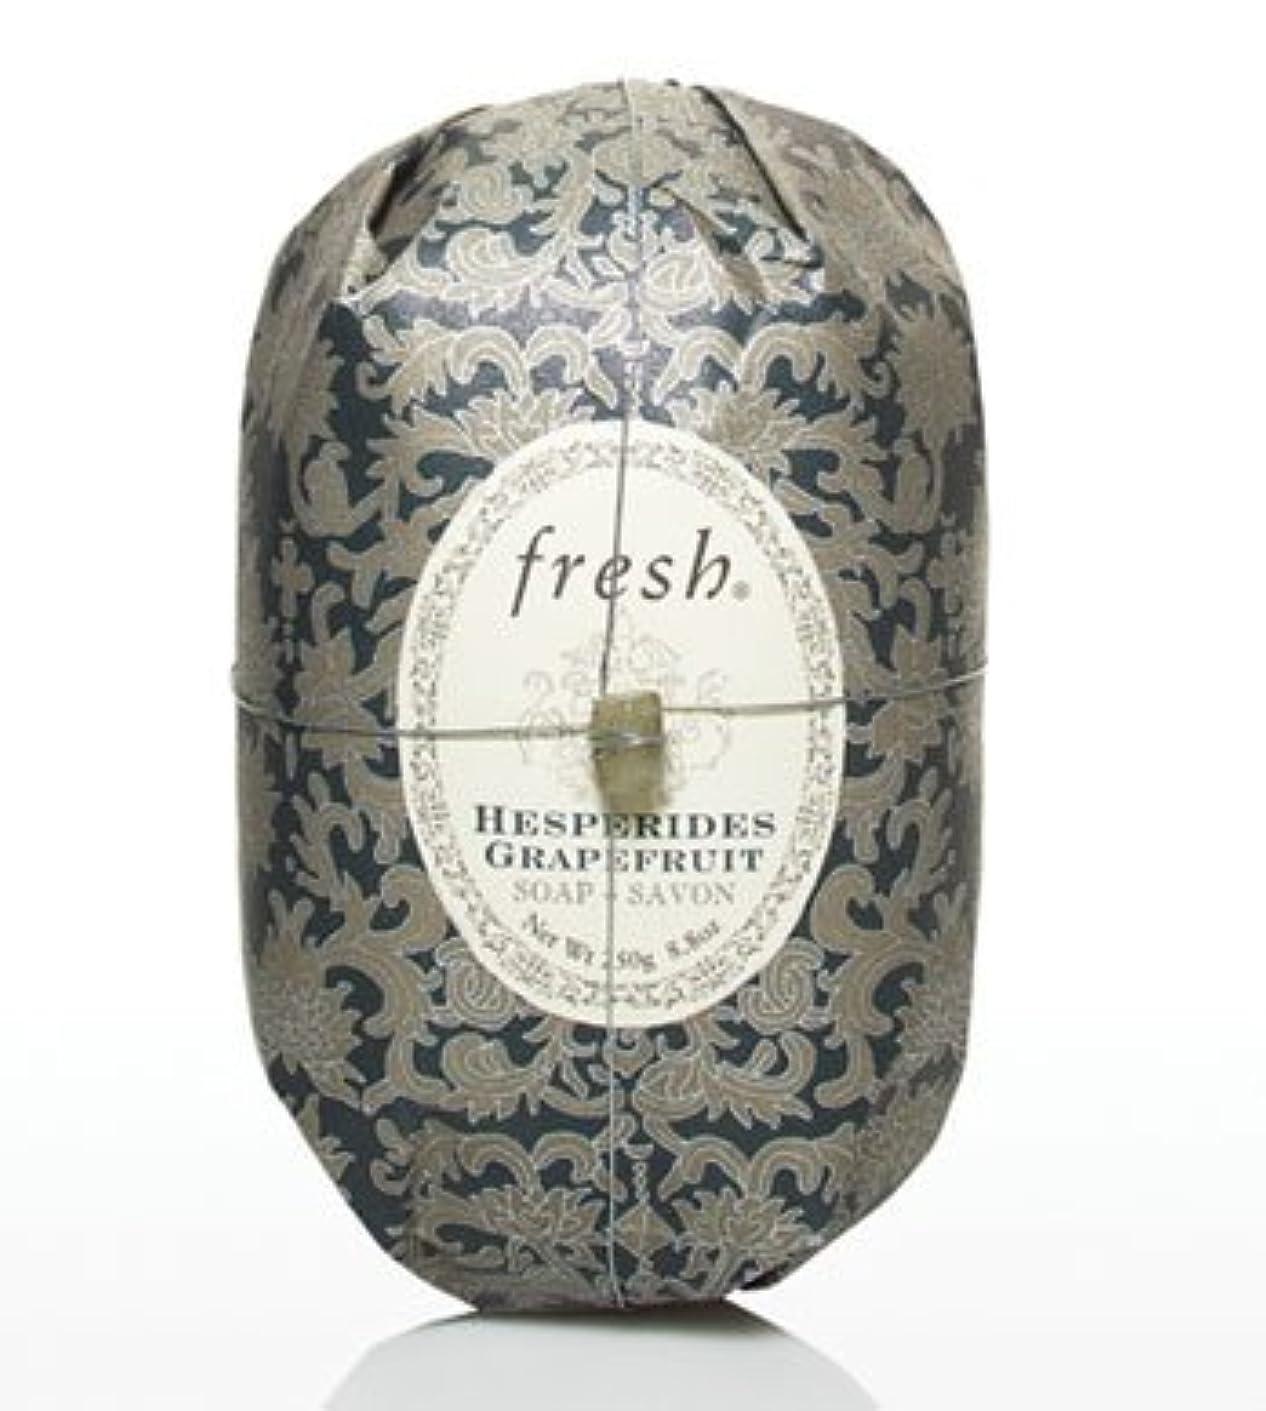 起こる中断灌漑Fresh HESPERIDES GRAPEFRUIT SOAP (フレッシュ ヘスペリデス グレープフルーツ ソープ) 8.8 oz (250g) Soap (石鹸) by Fresh